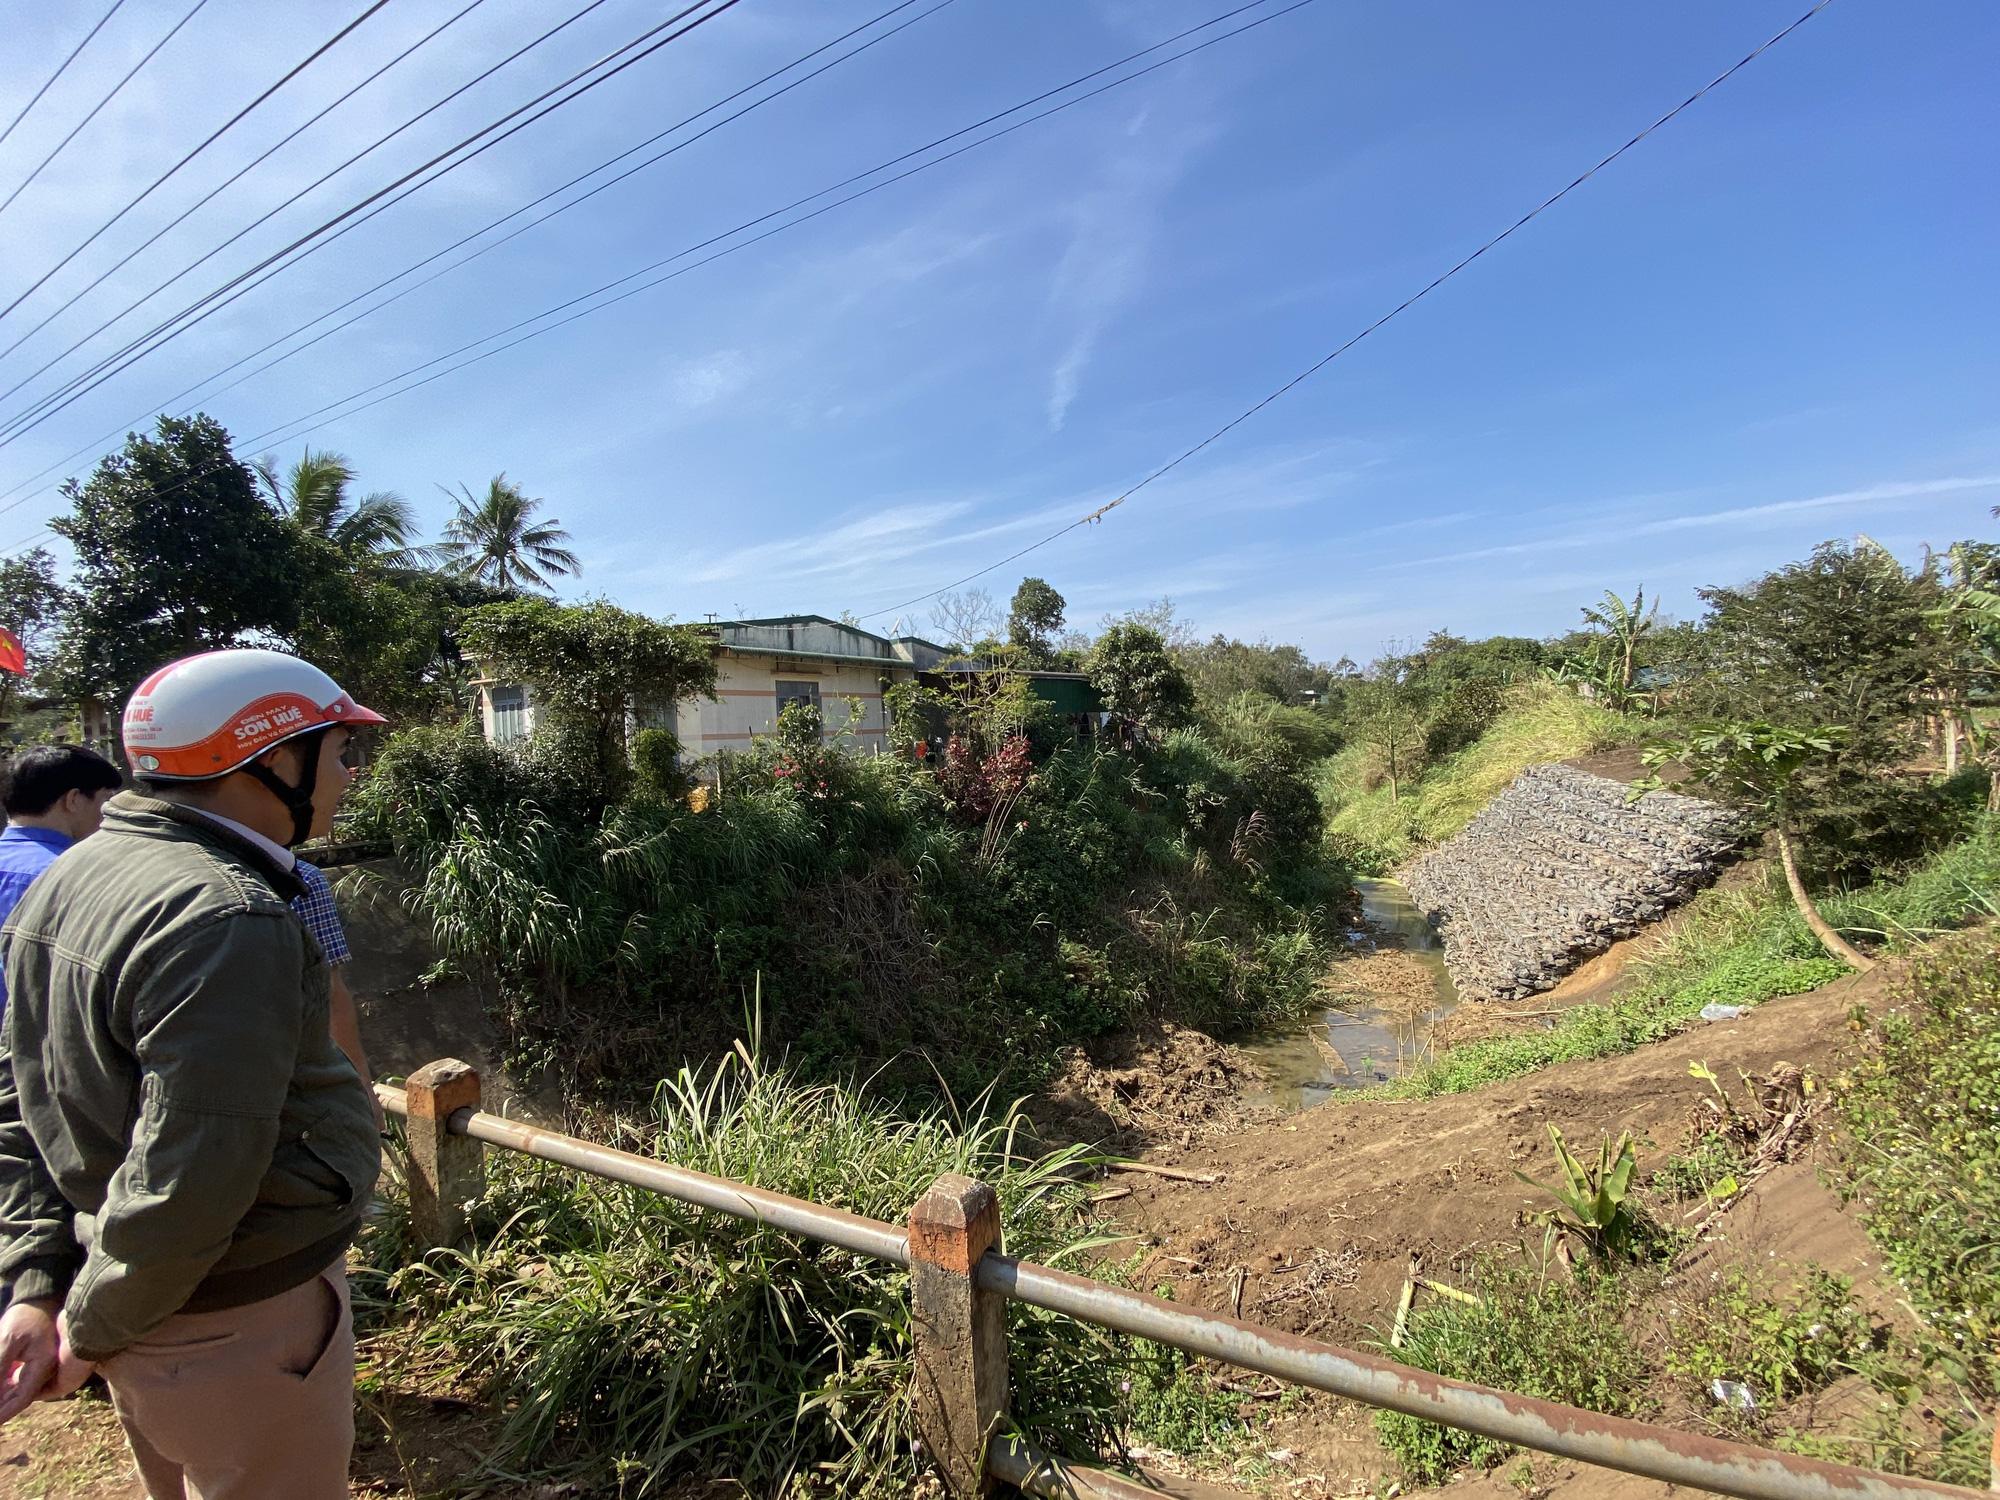 Bộ đề nghị dừng, huyện vẫn quyết làm kênh rồi bỏ hoang và đổ lỗi do… bão - Ảnh 1.